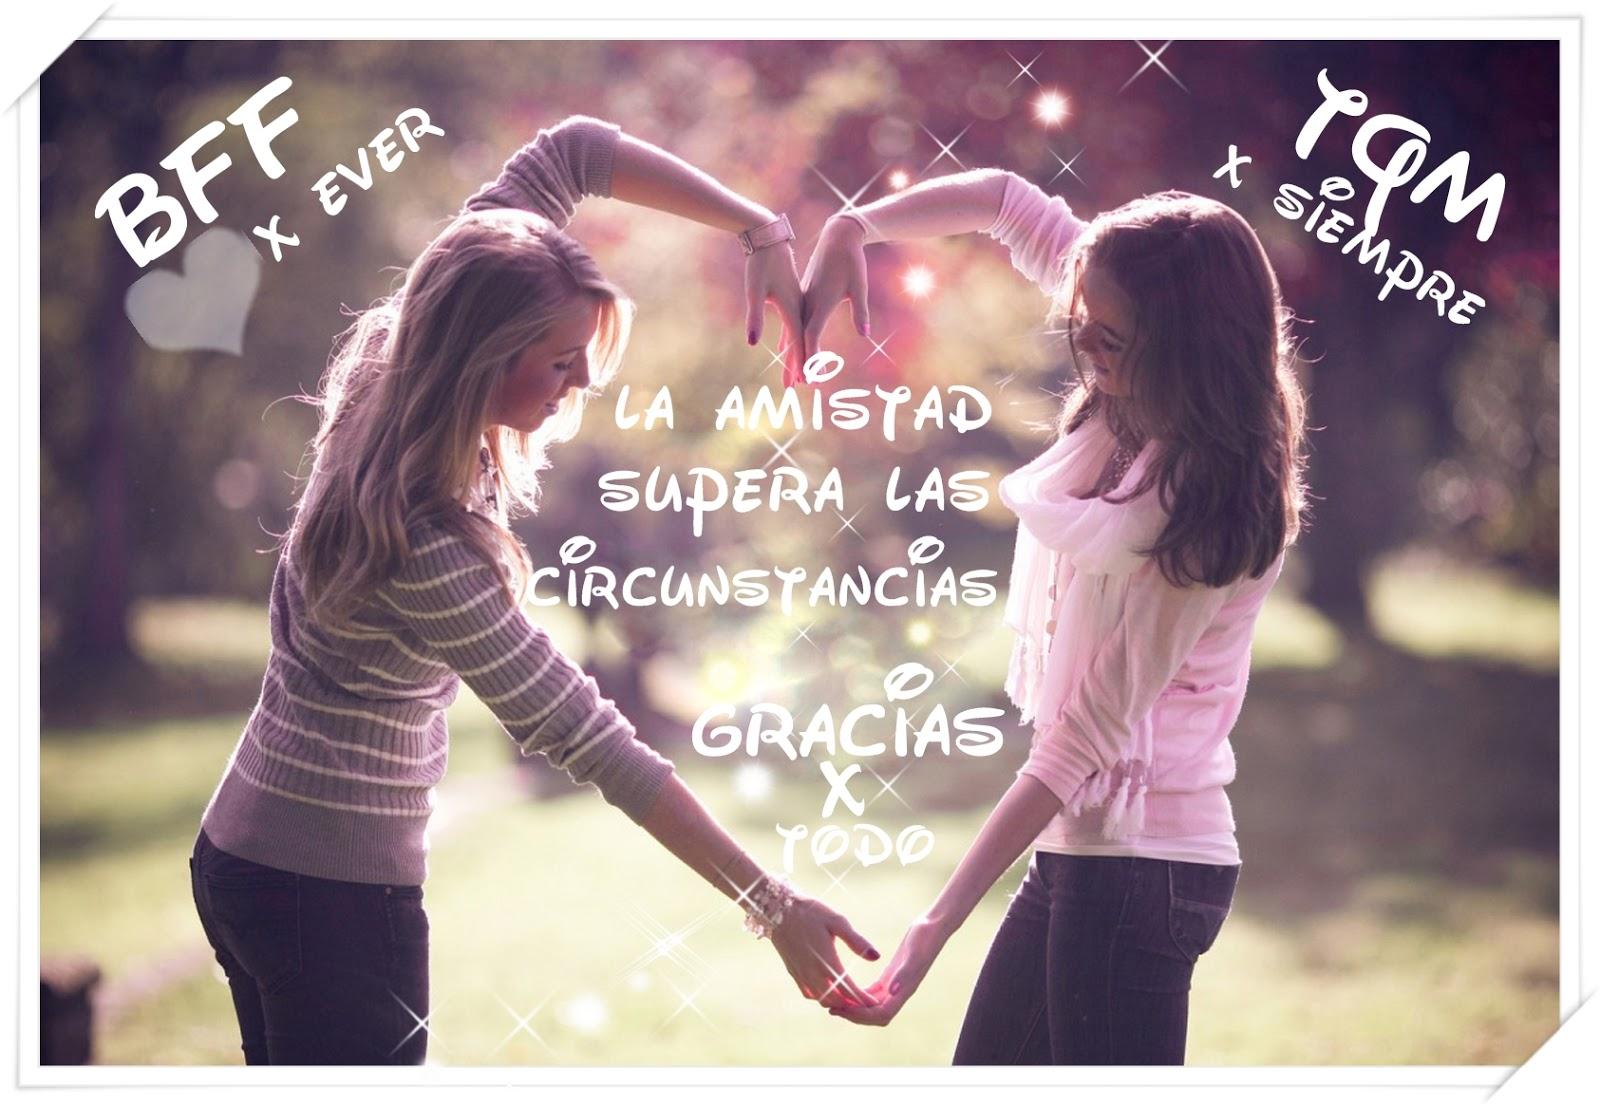 La amistad supera las circunstancias